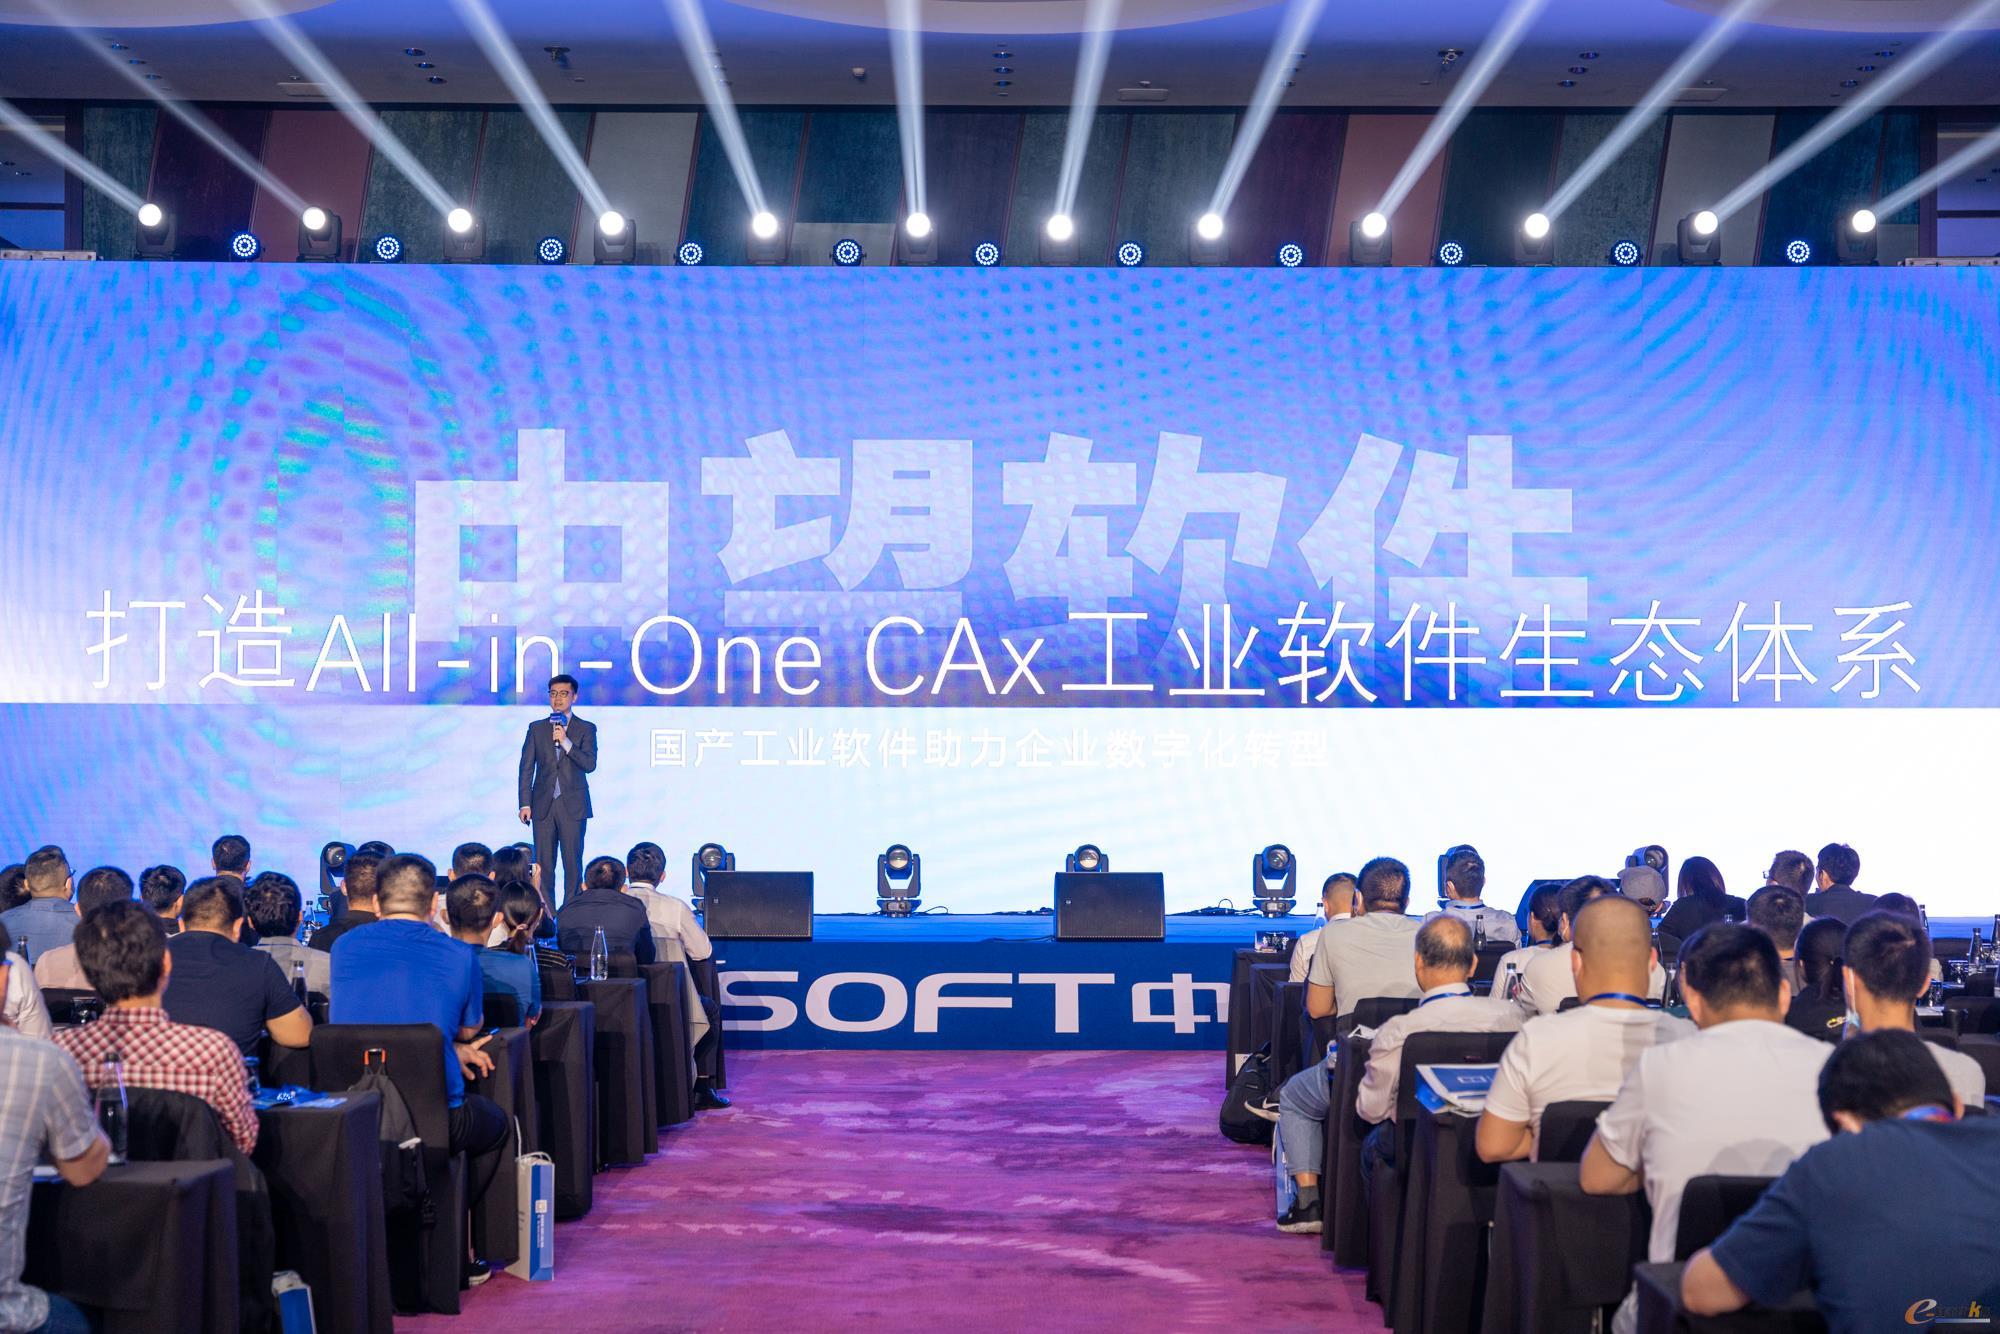 中望软件副总经理林庆忠发表主题演讲